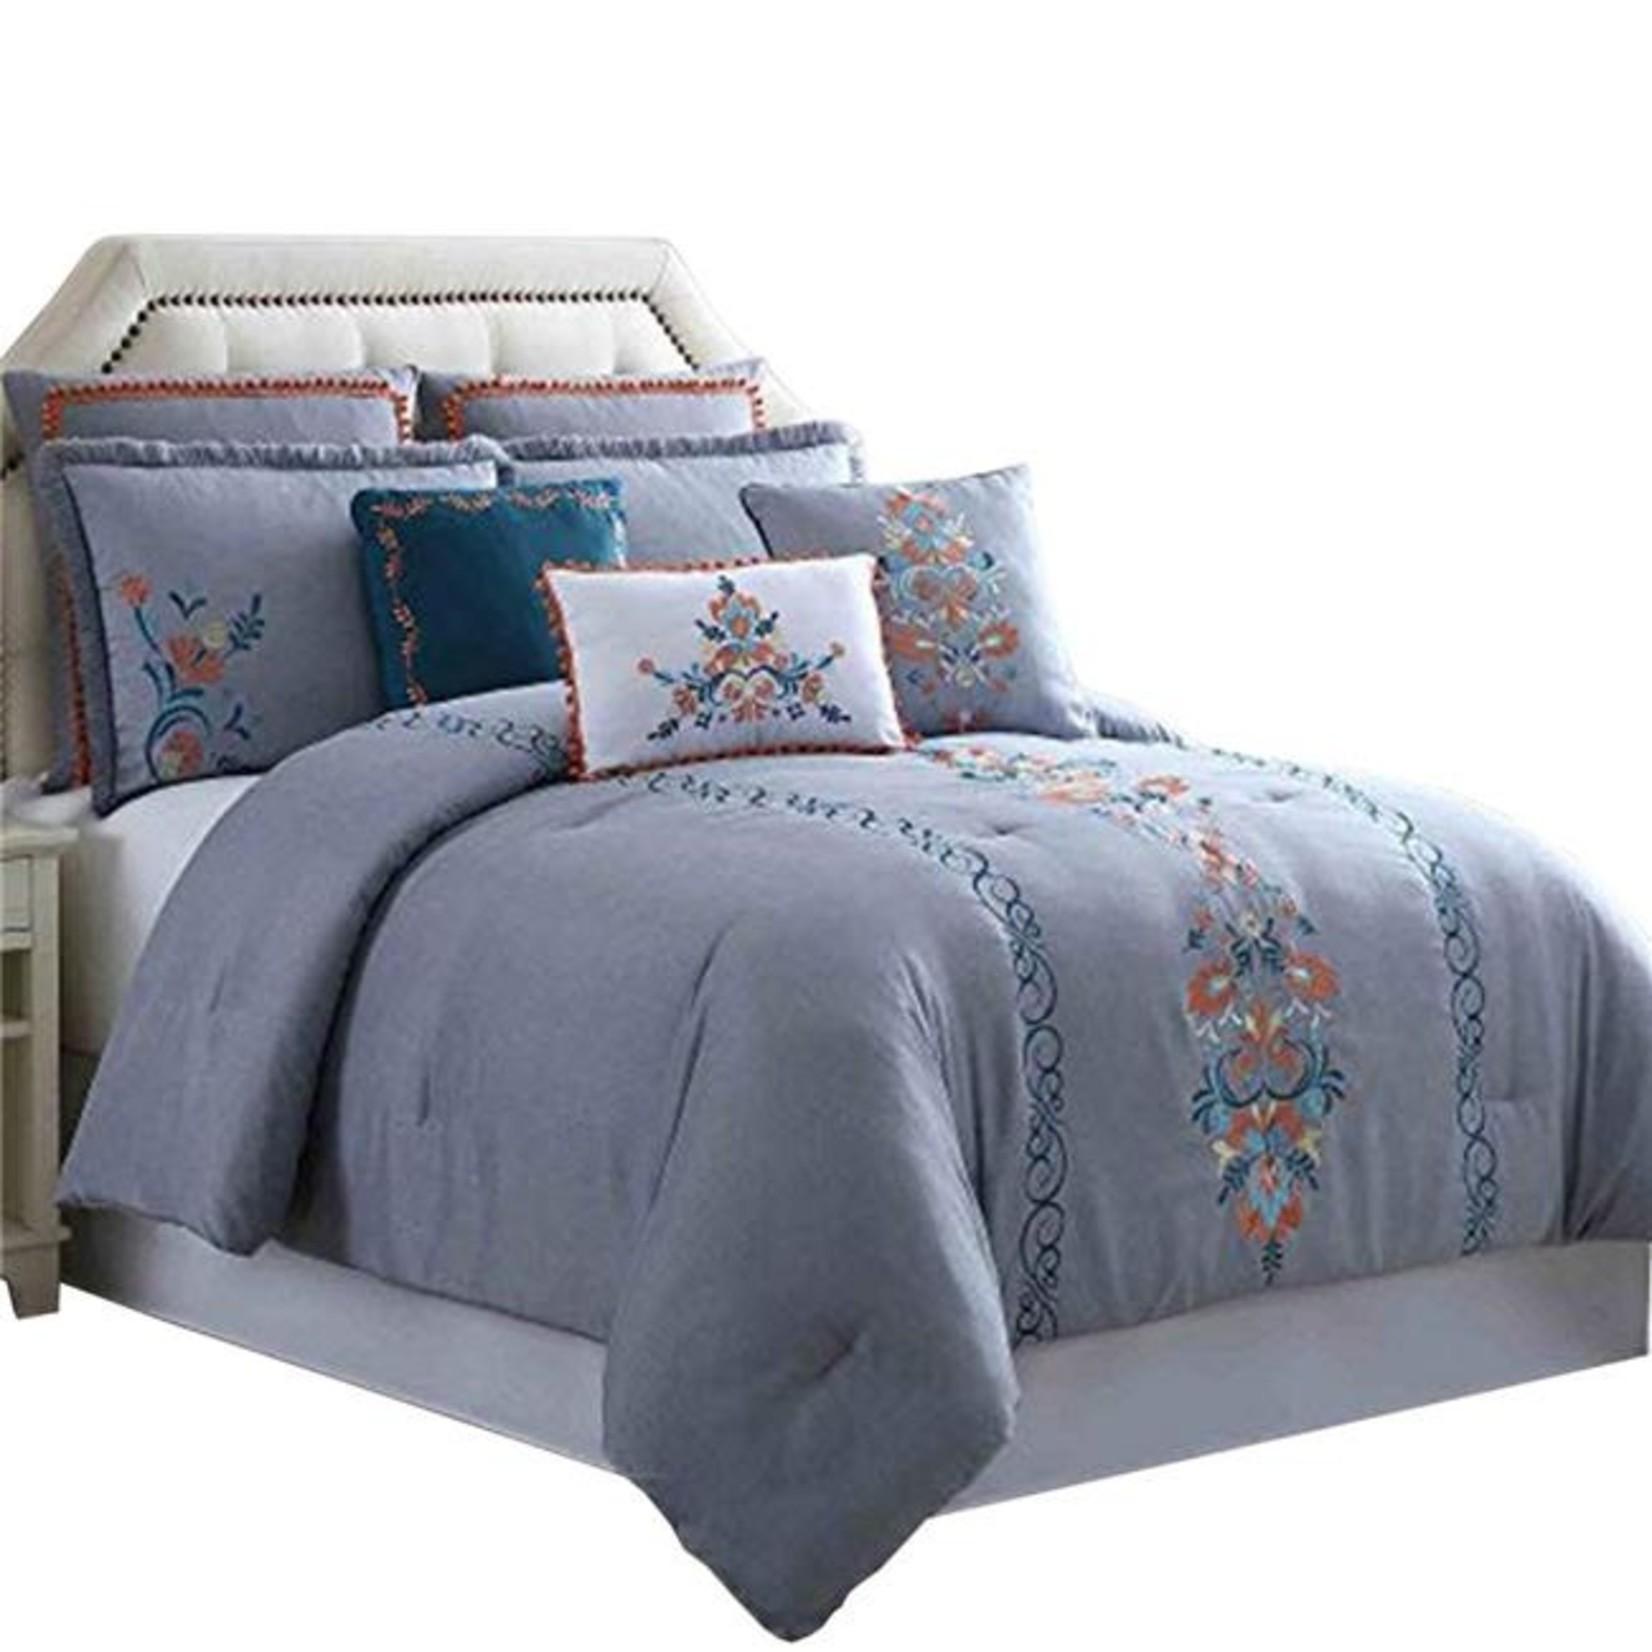 *King - Odense Comforter Set - Final Sale